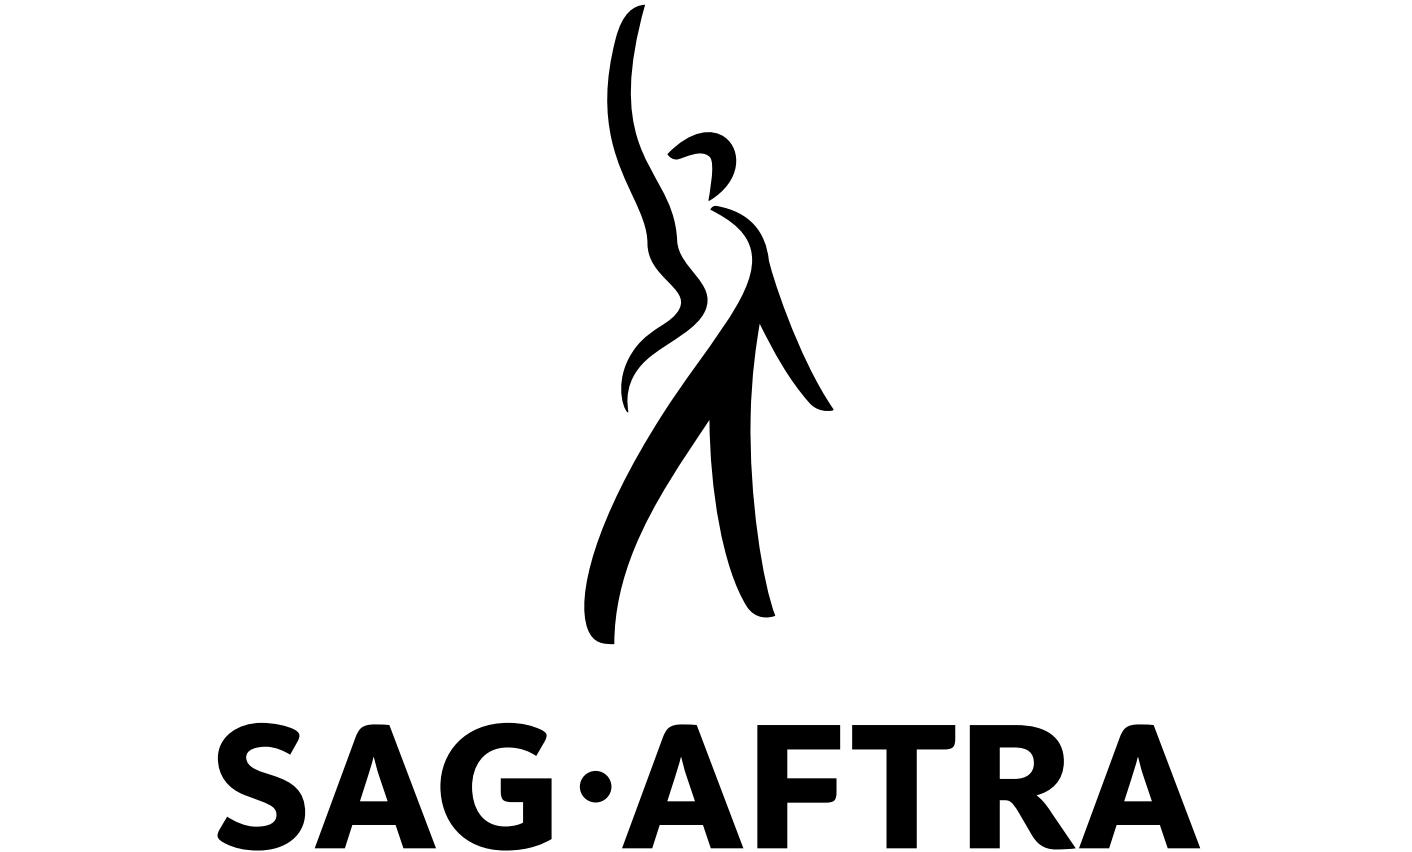 sagaftralogo1.png